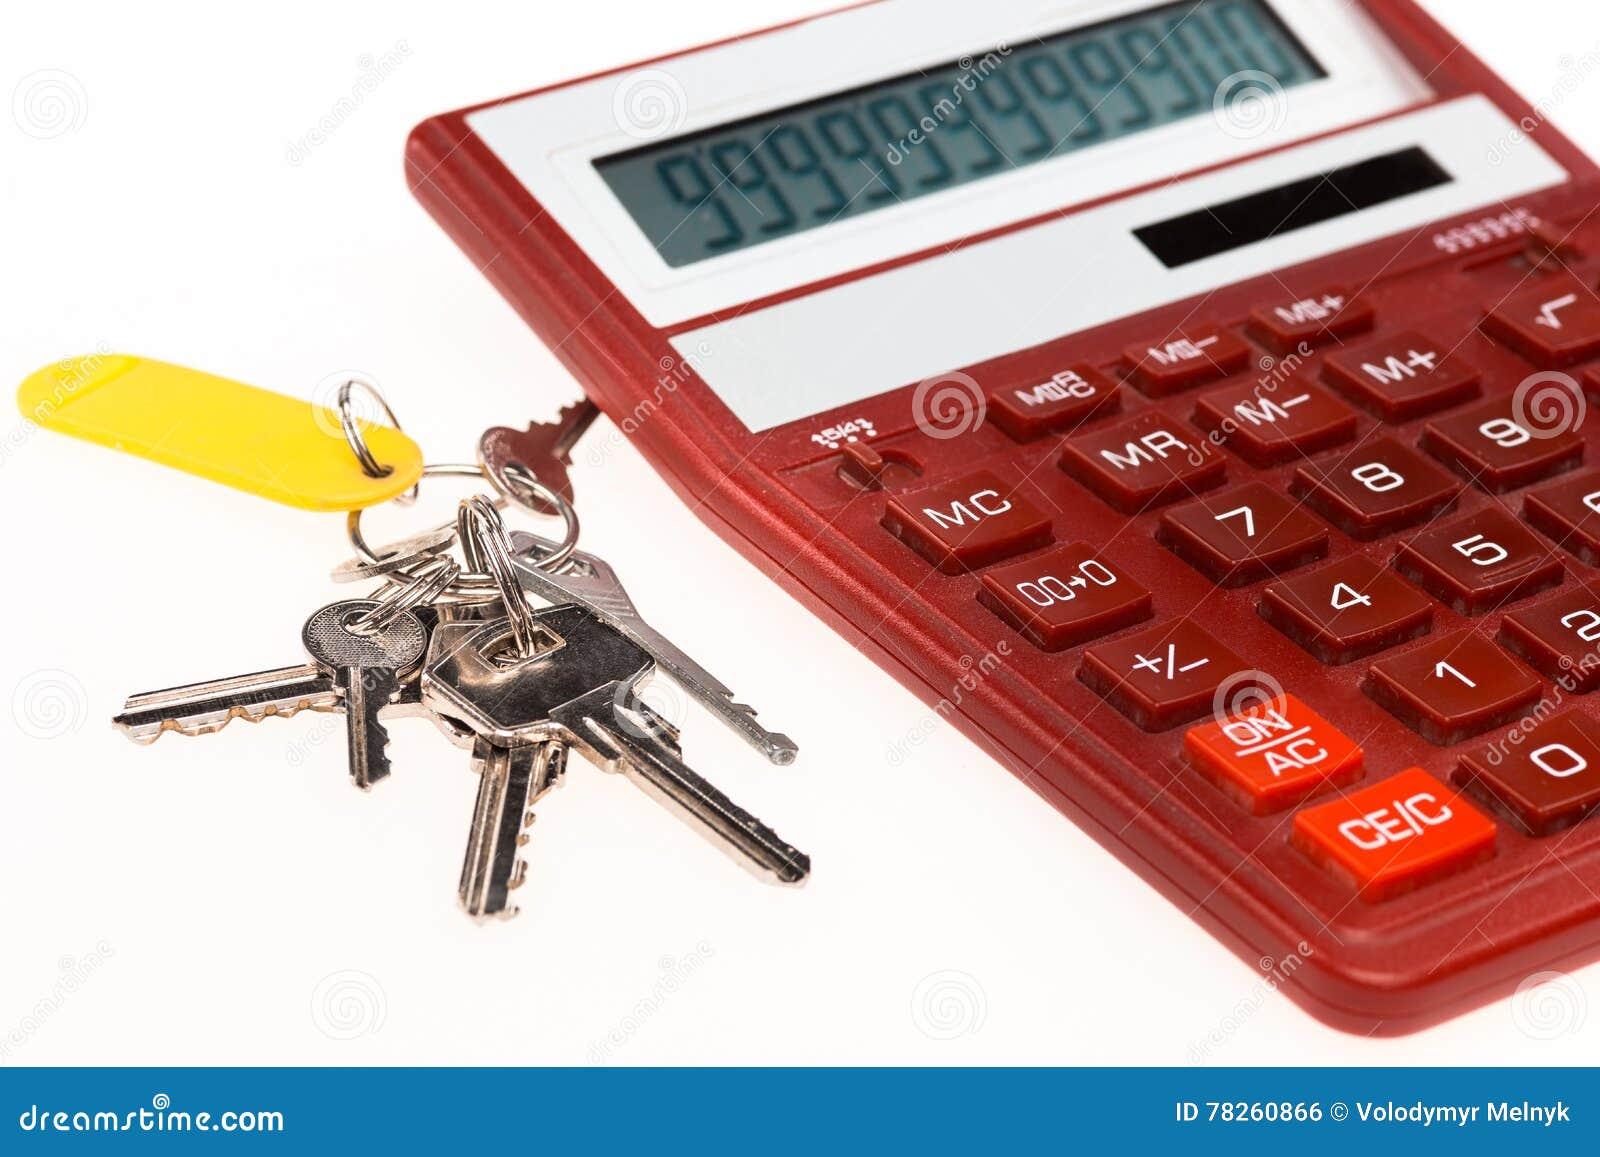 A calculadora vermelha com chaves em um fundo branco